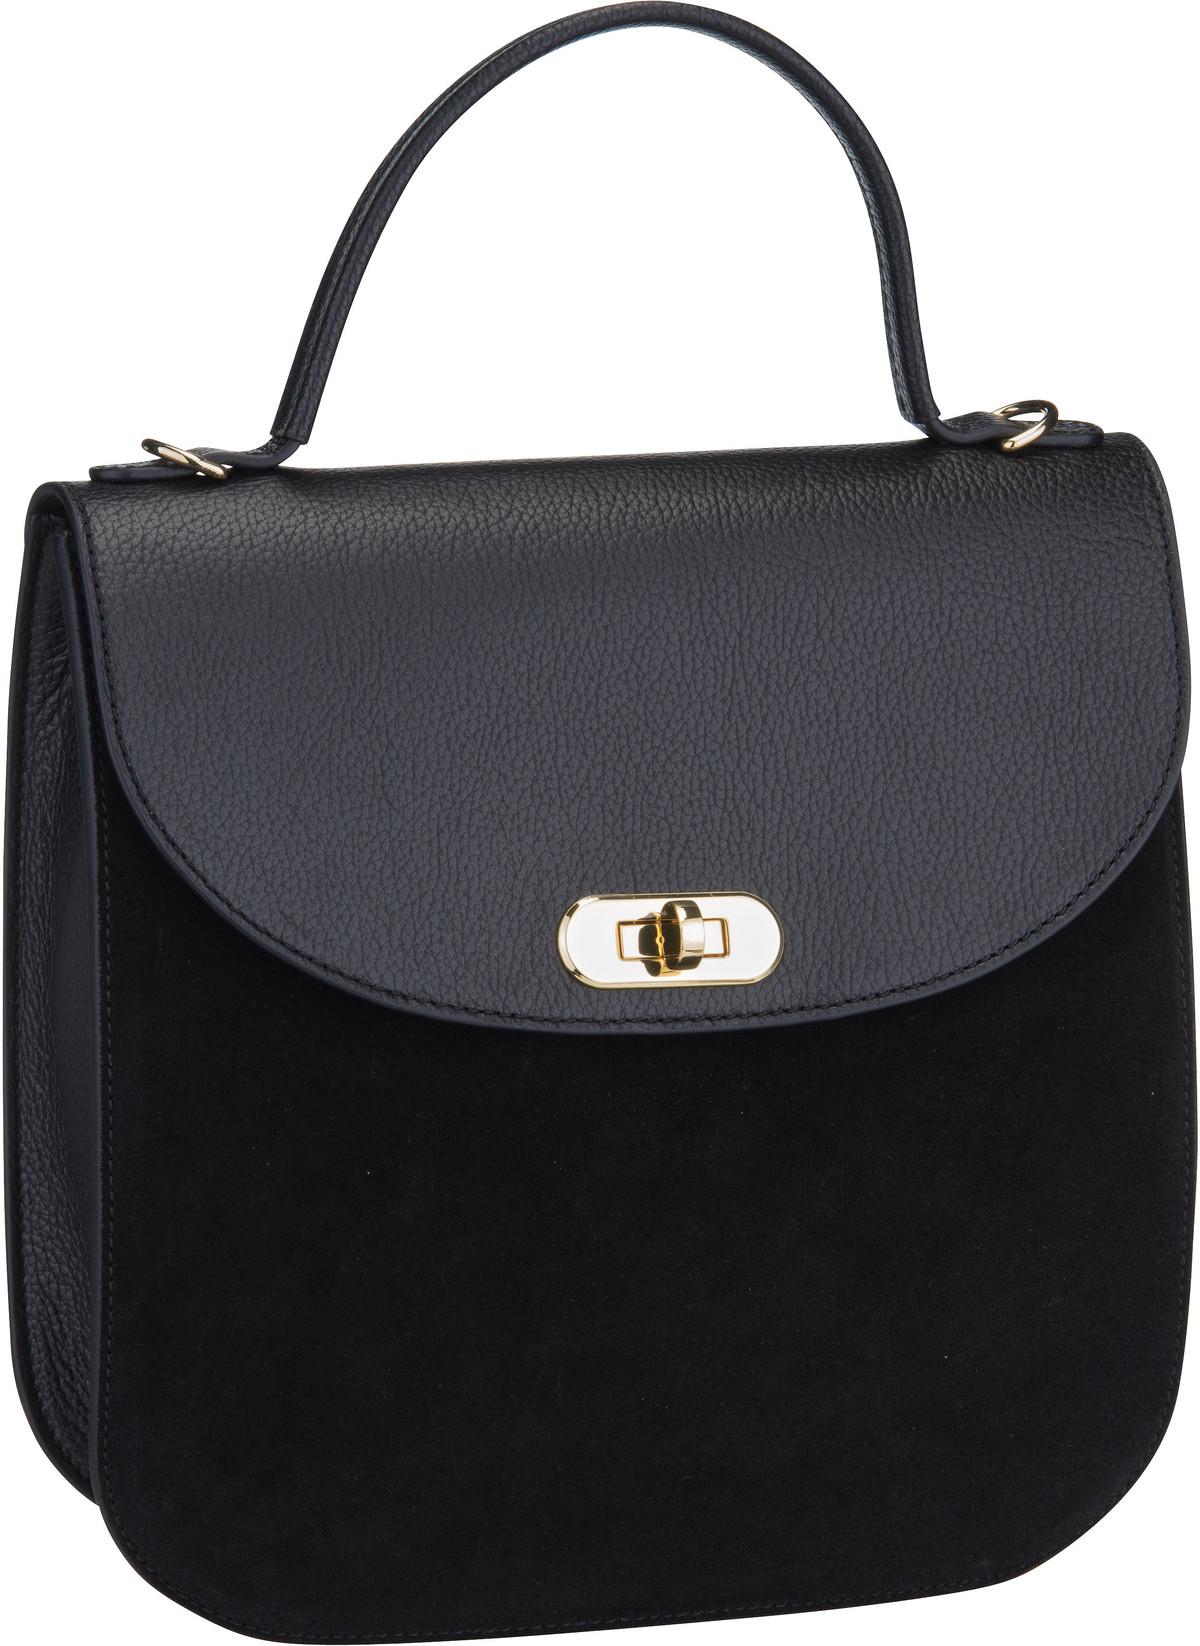 Handtasche Greez Bimaterial 1801 Nero